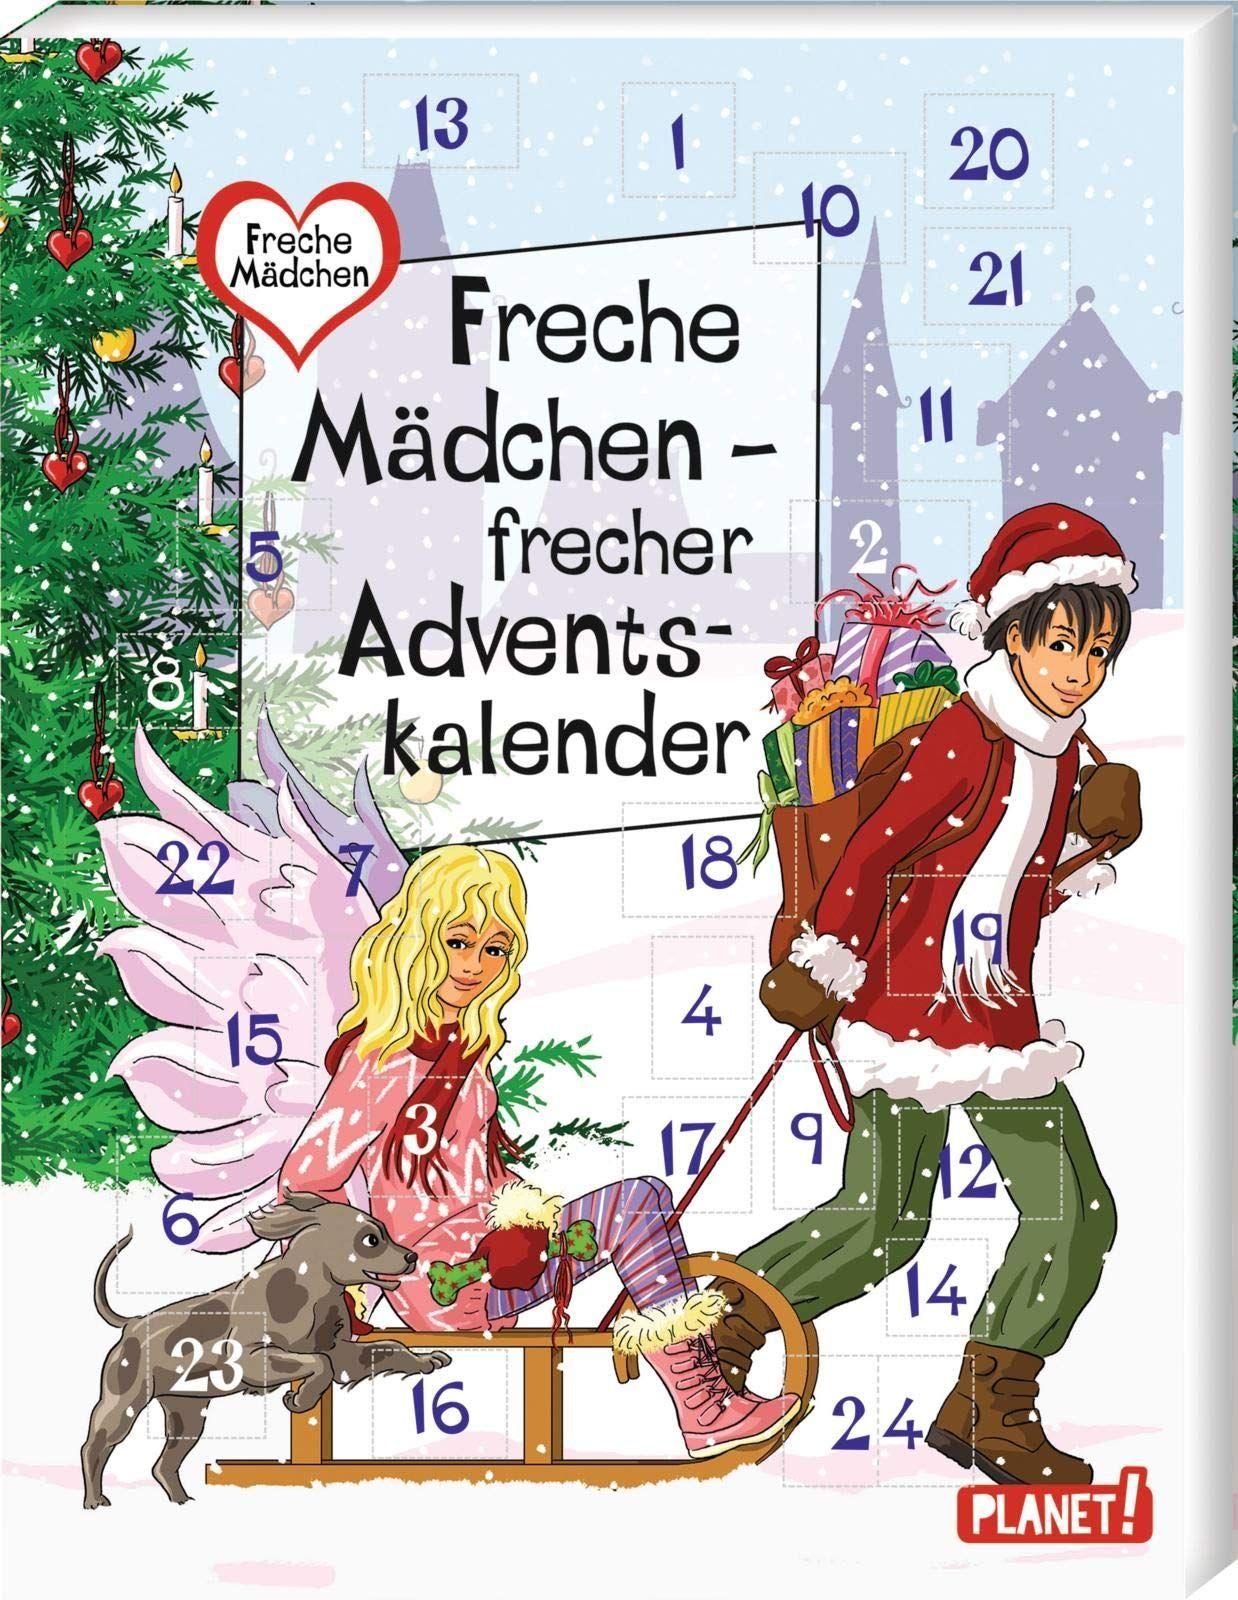 Freche Madchen Frecher Adventskalender Adventkalender Adventskalender Buch Adventskalender